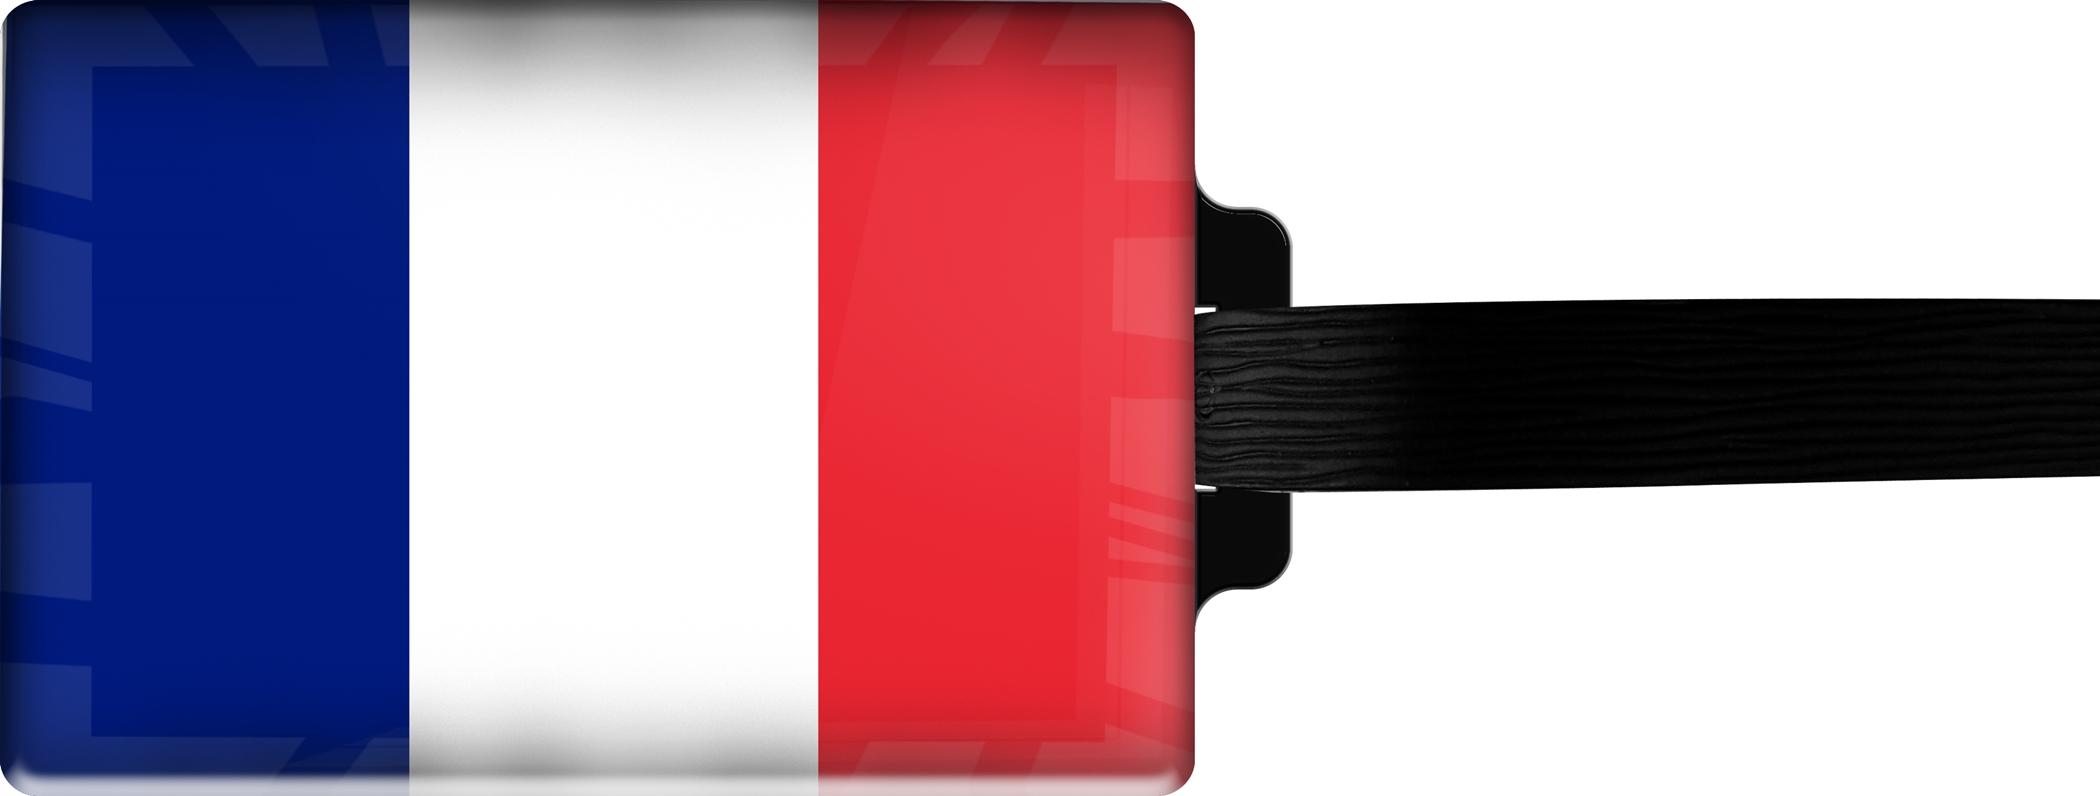 Hochwertiger Gepäckanhänger aus Acrylglas | FLAGGE FRANKREICH | metALUm #00078